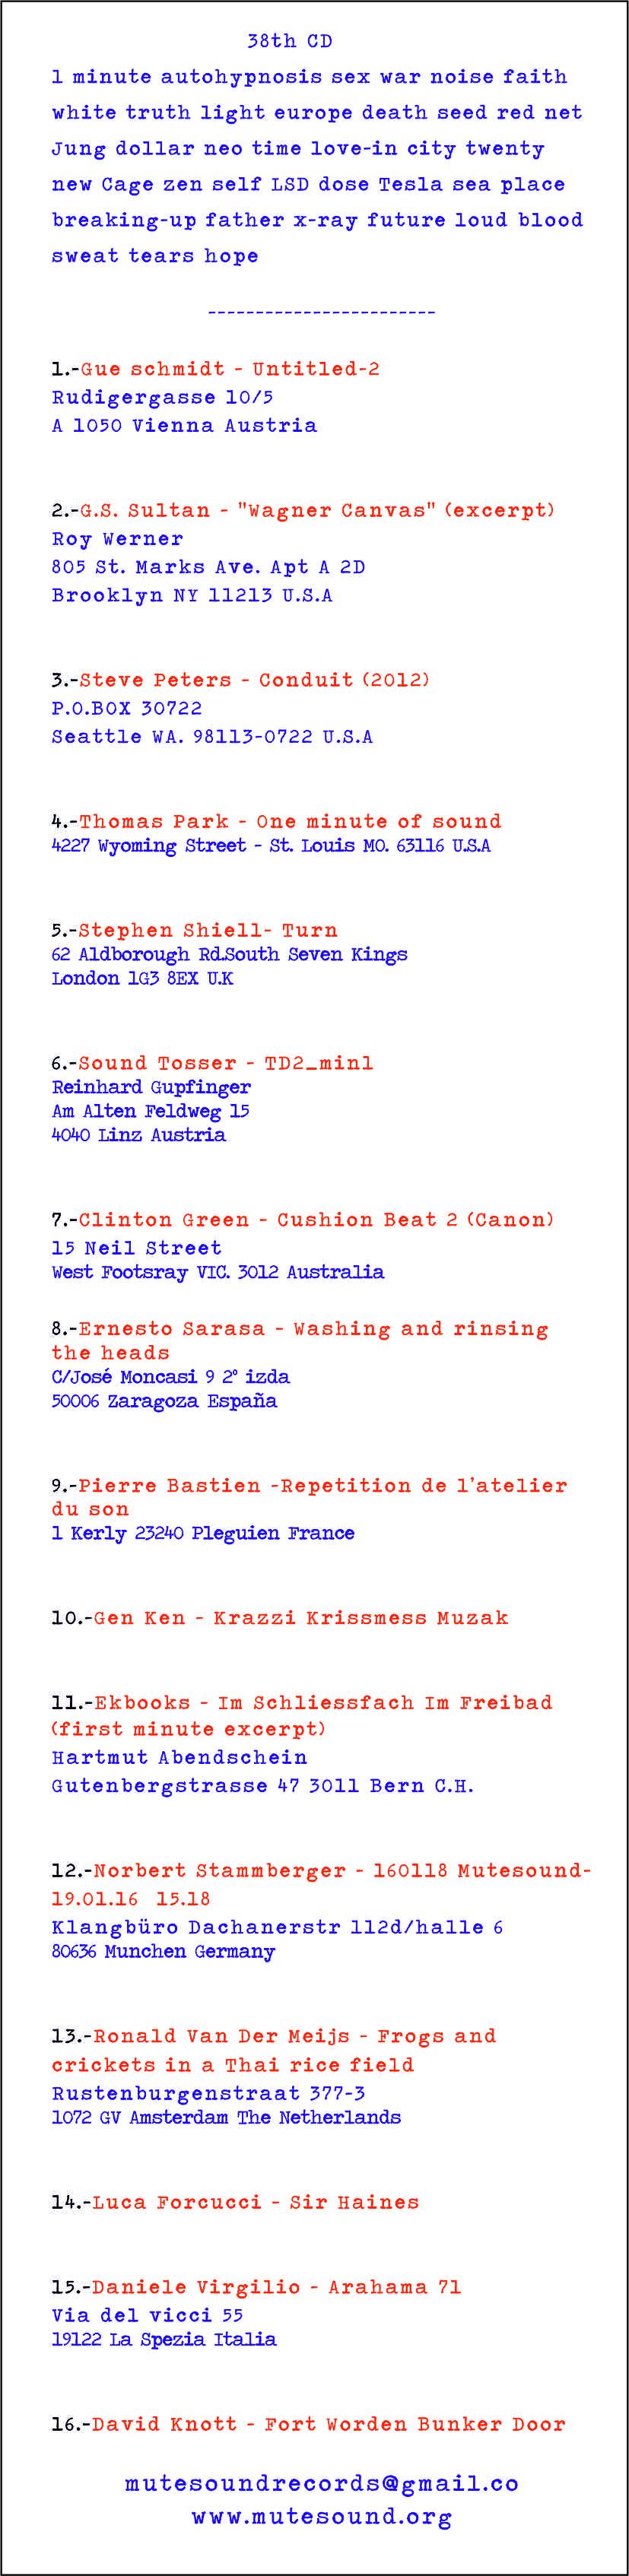 etkcontext37_participantescd37